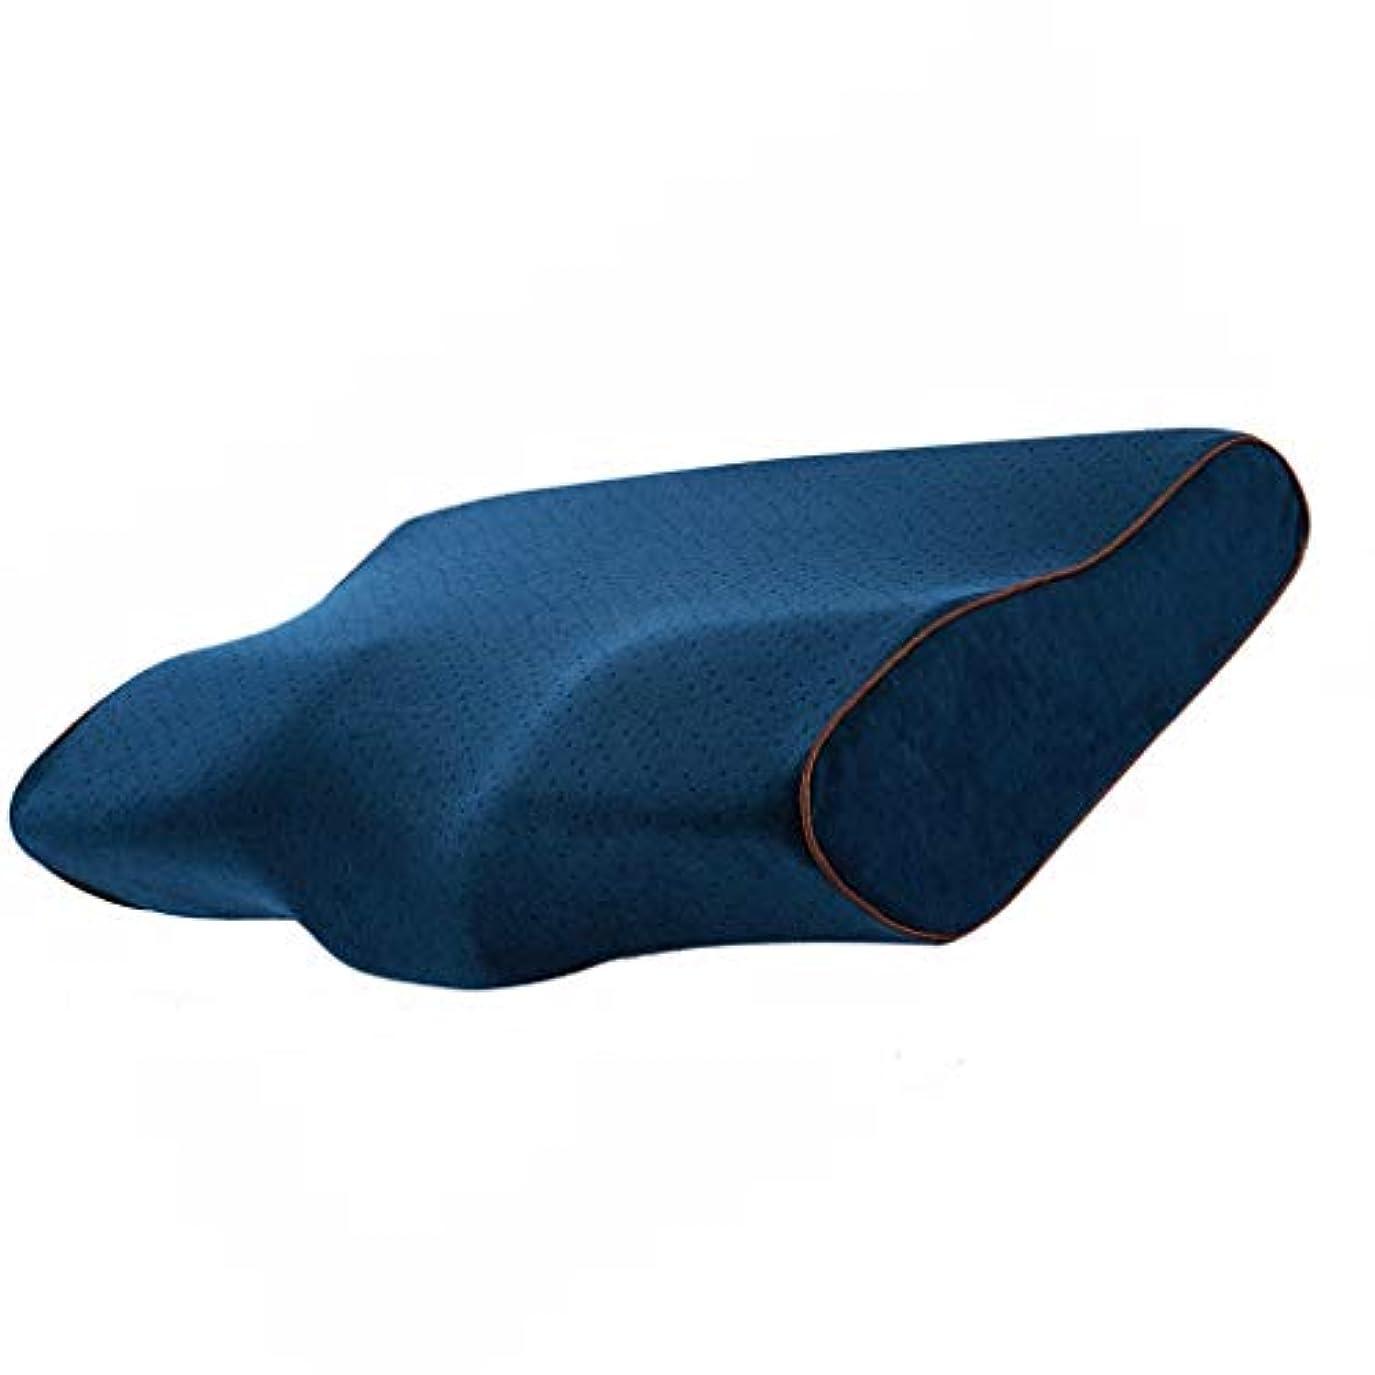 行商人印象的操縦する輪郭の記憶泡の枕、寝具の頚部枕、側面の枕木および後肢の枕、青い2つのサイズ (Size : A)